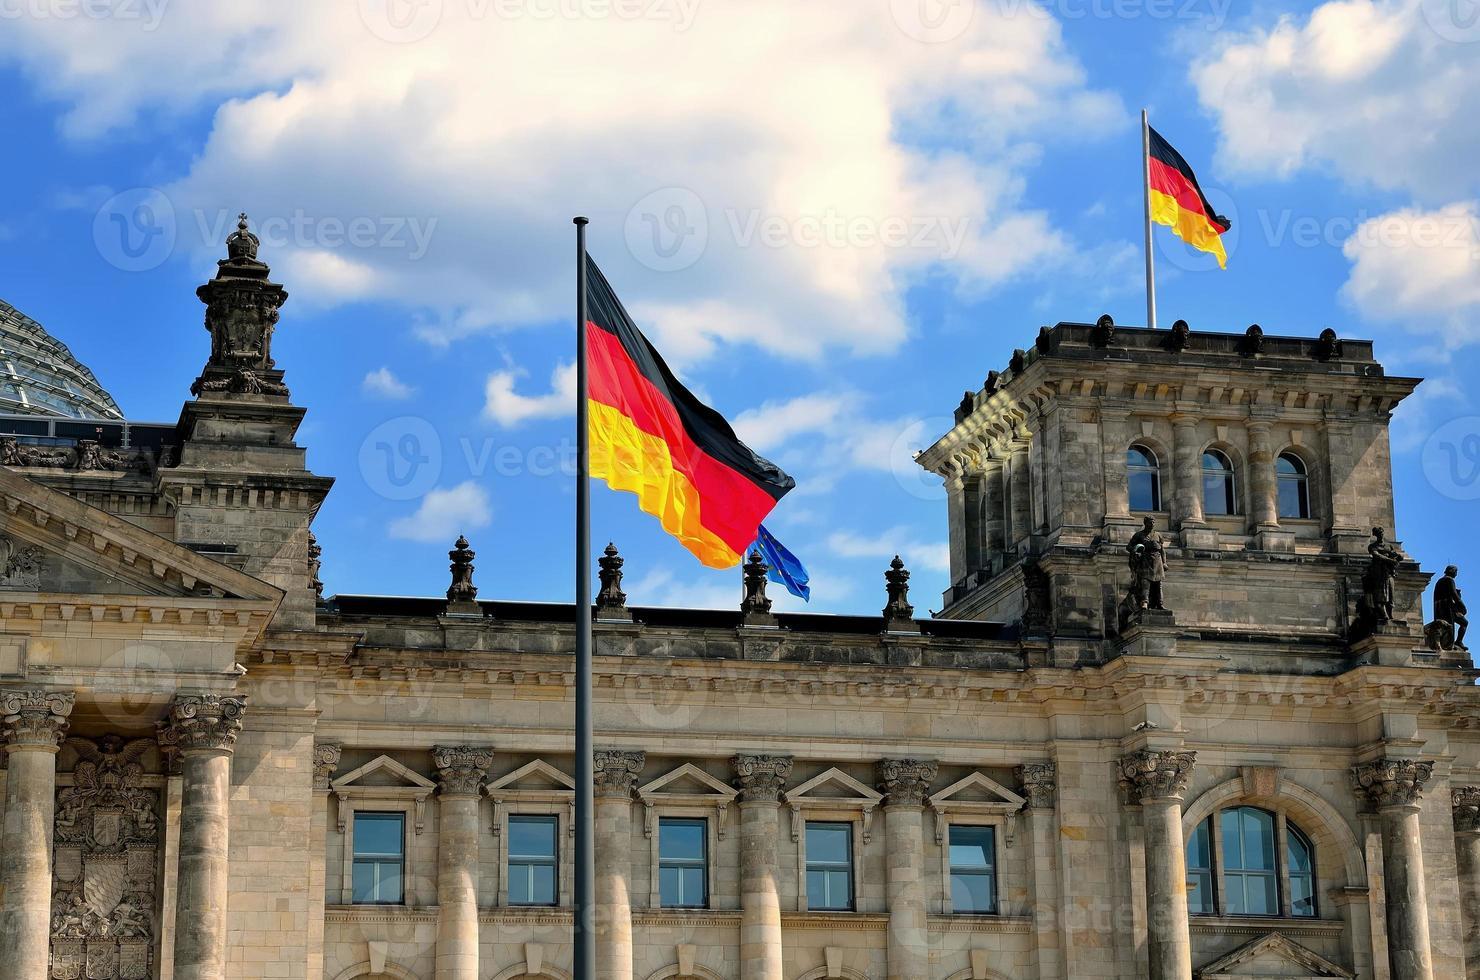 El edificio del Reichstag en Berlín, Alemania. foto